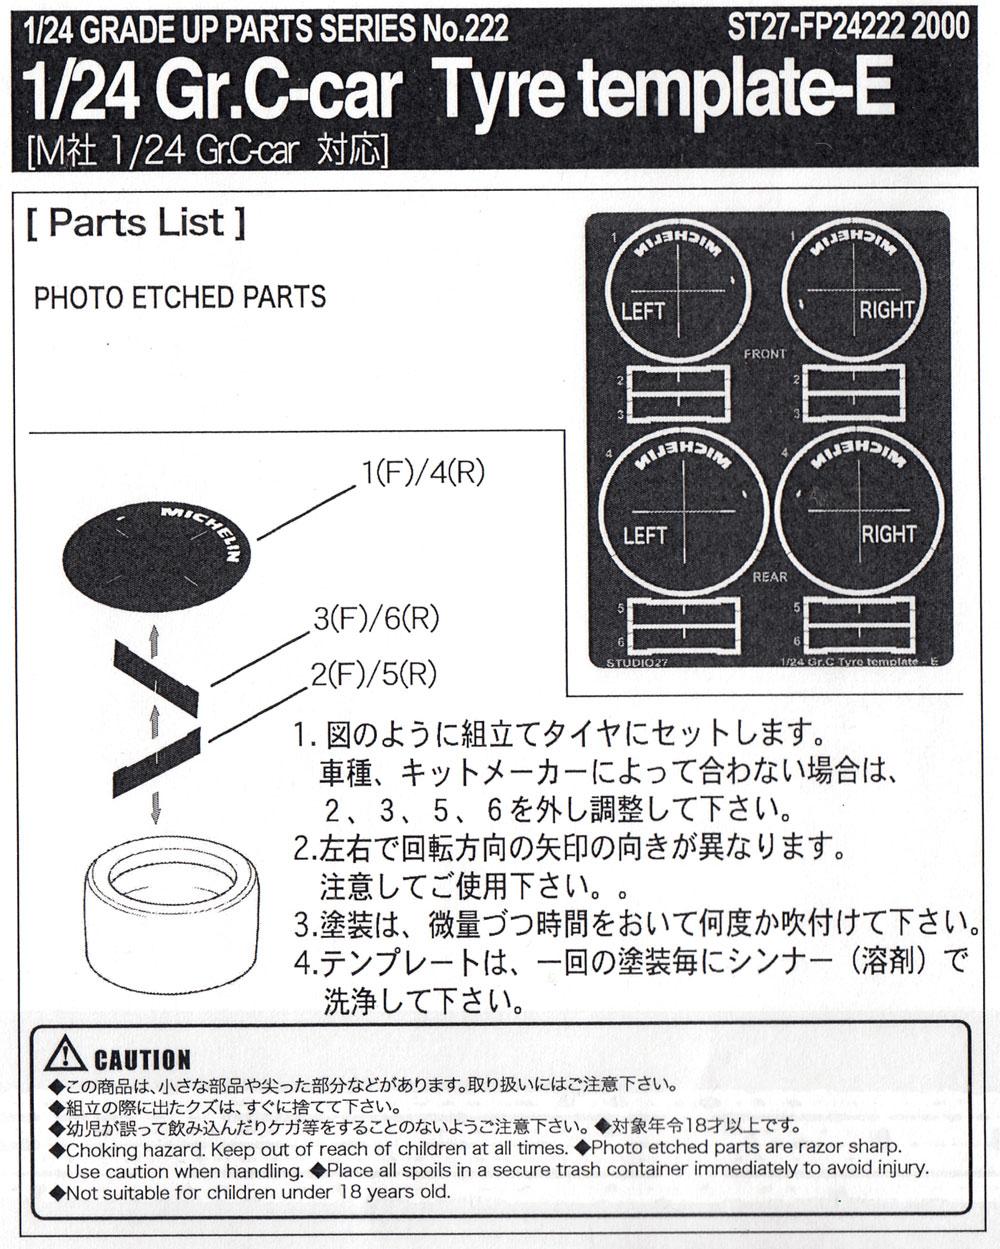 Gr.Cカー タイヤ テンプレート E (ミシュラン)テンプレート(スタジオ27ツーリングカー/GTカー デティールアップパーツNo.FP24222)商品画像_1